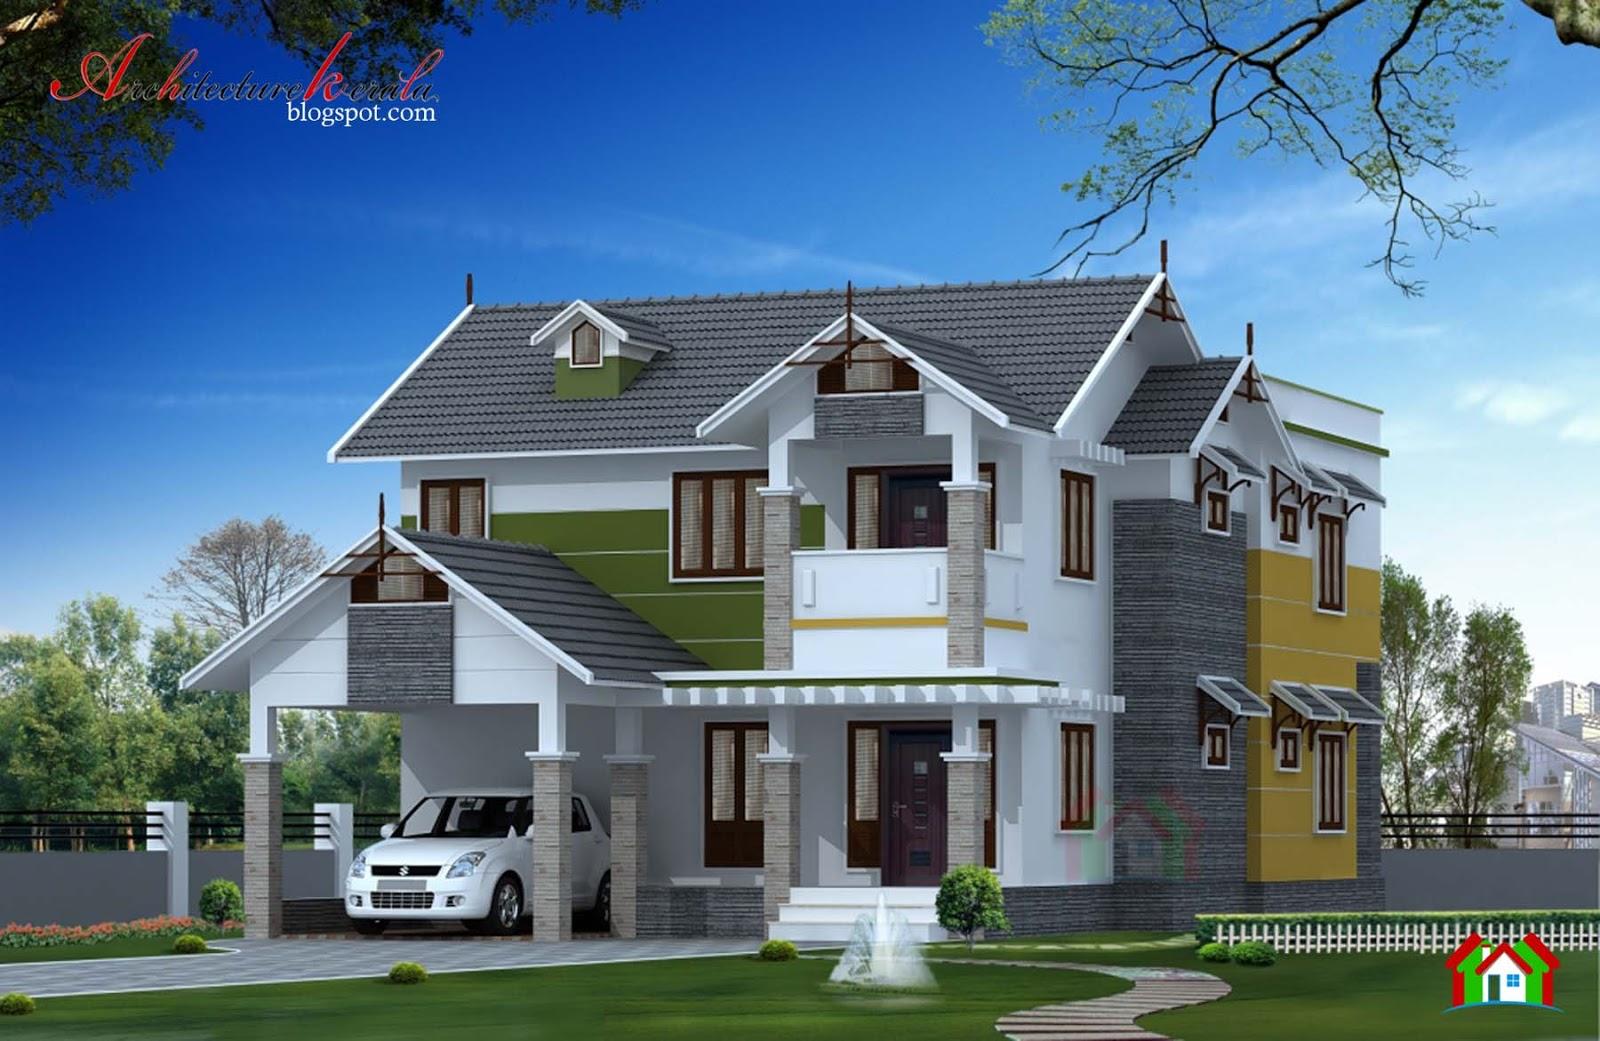 Architecture Kerala: 11_12